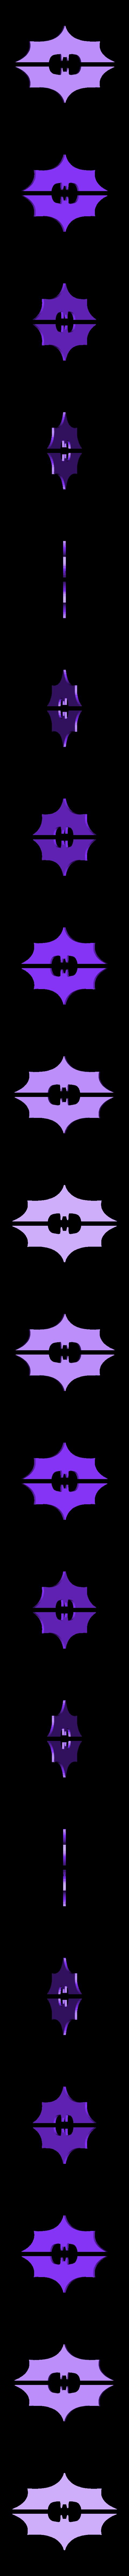 Shox_SNova_Bat_Feet.stl Download free STL file Shox Bat Beat Box • 3D print template, shawnrchq